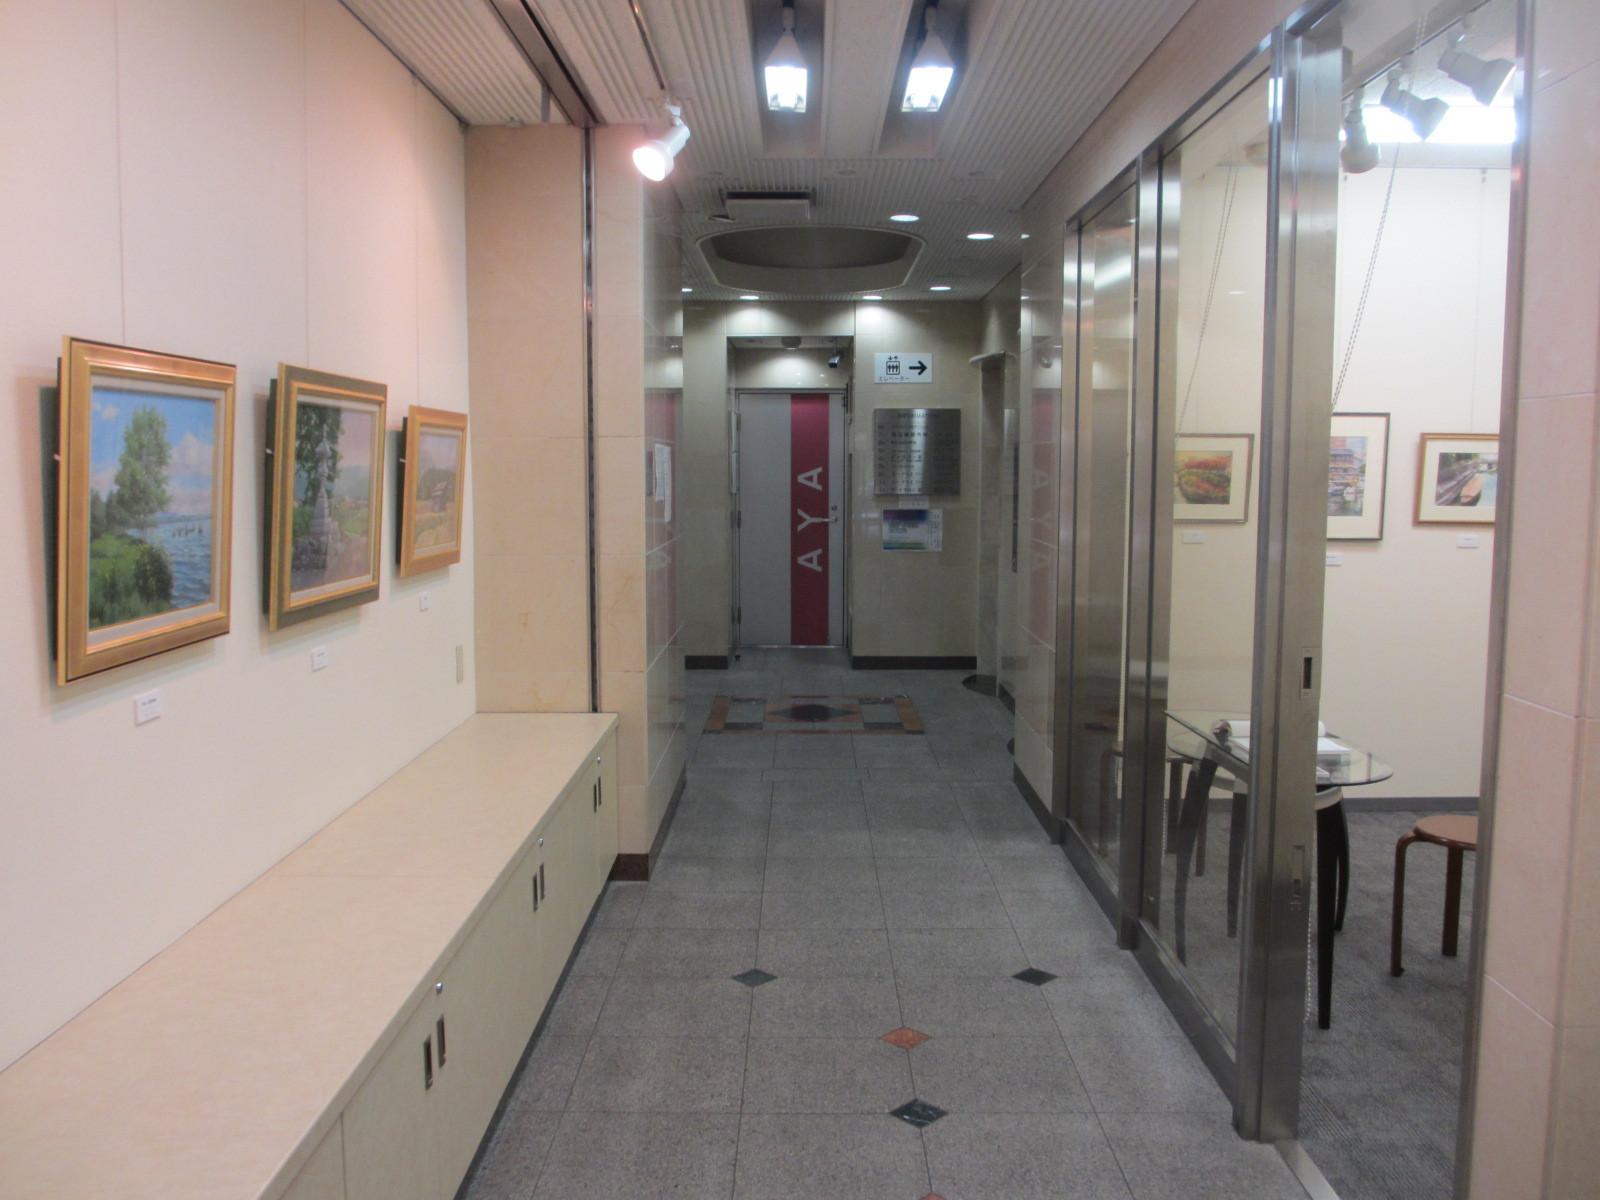 光岡孝二 作品展 5月27日(火)~6月1日(日) アートサロン彩(1F)